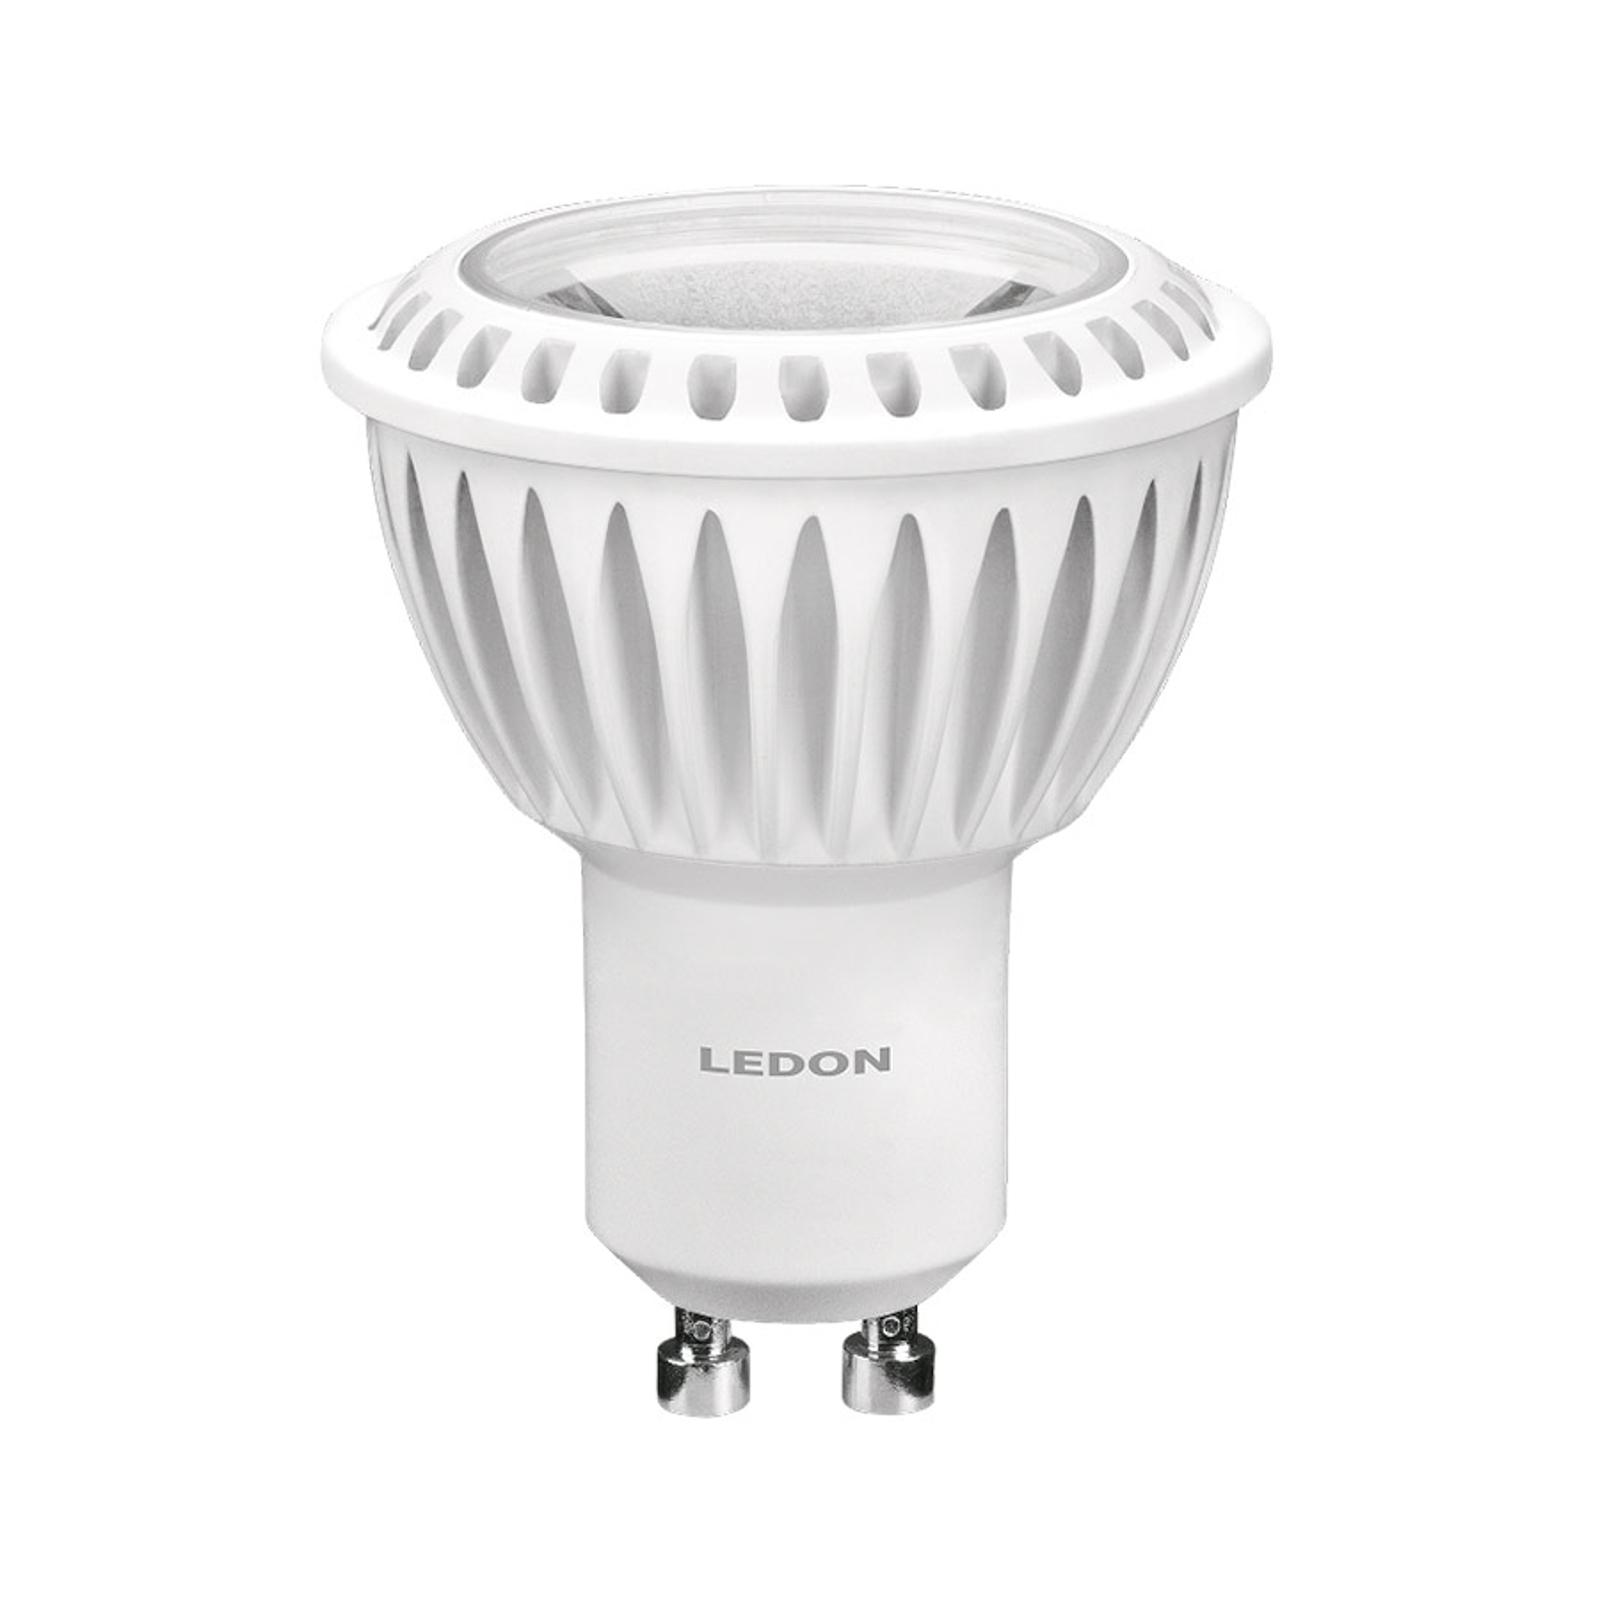 led lampen gu 10 6w von le